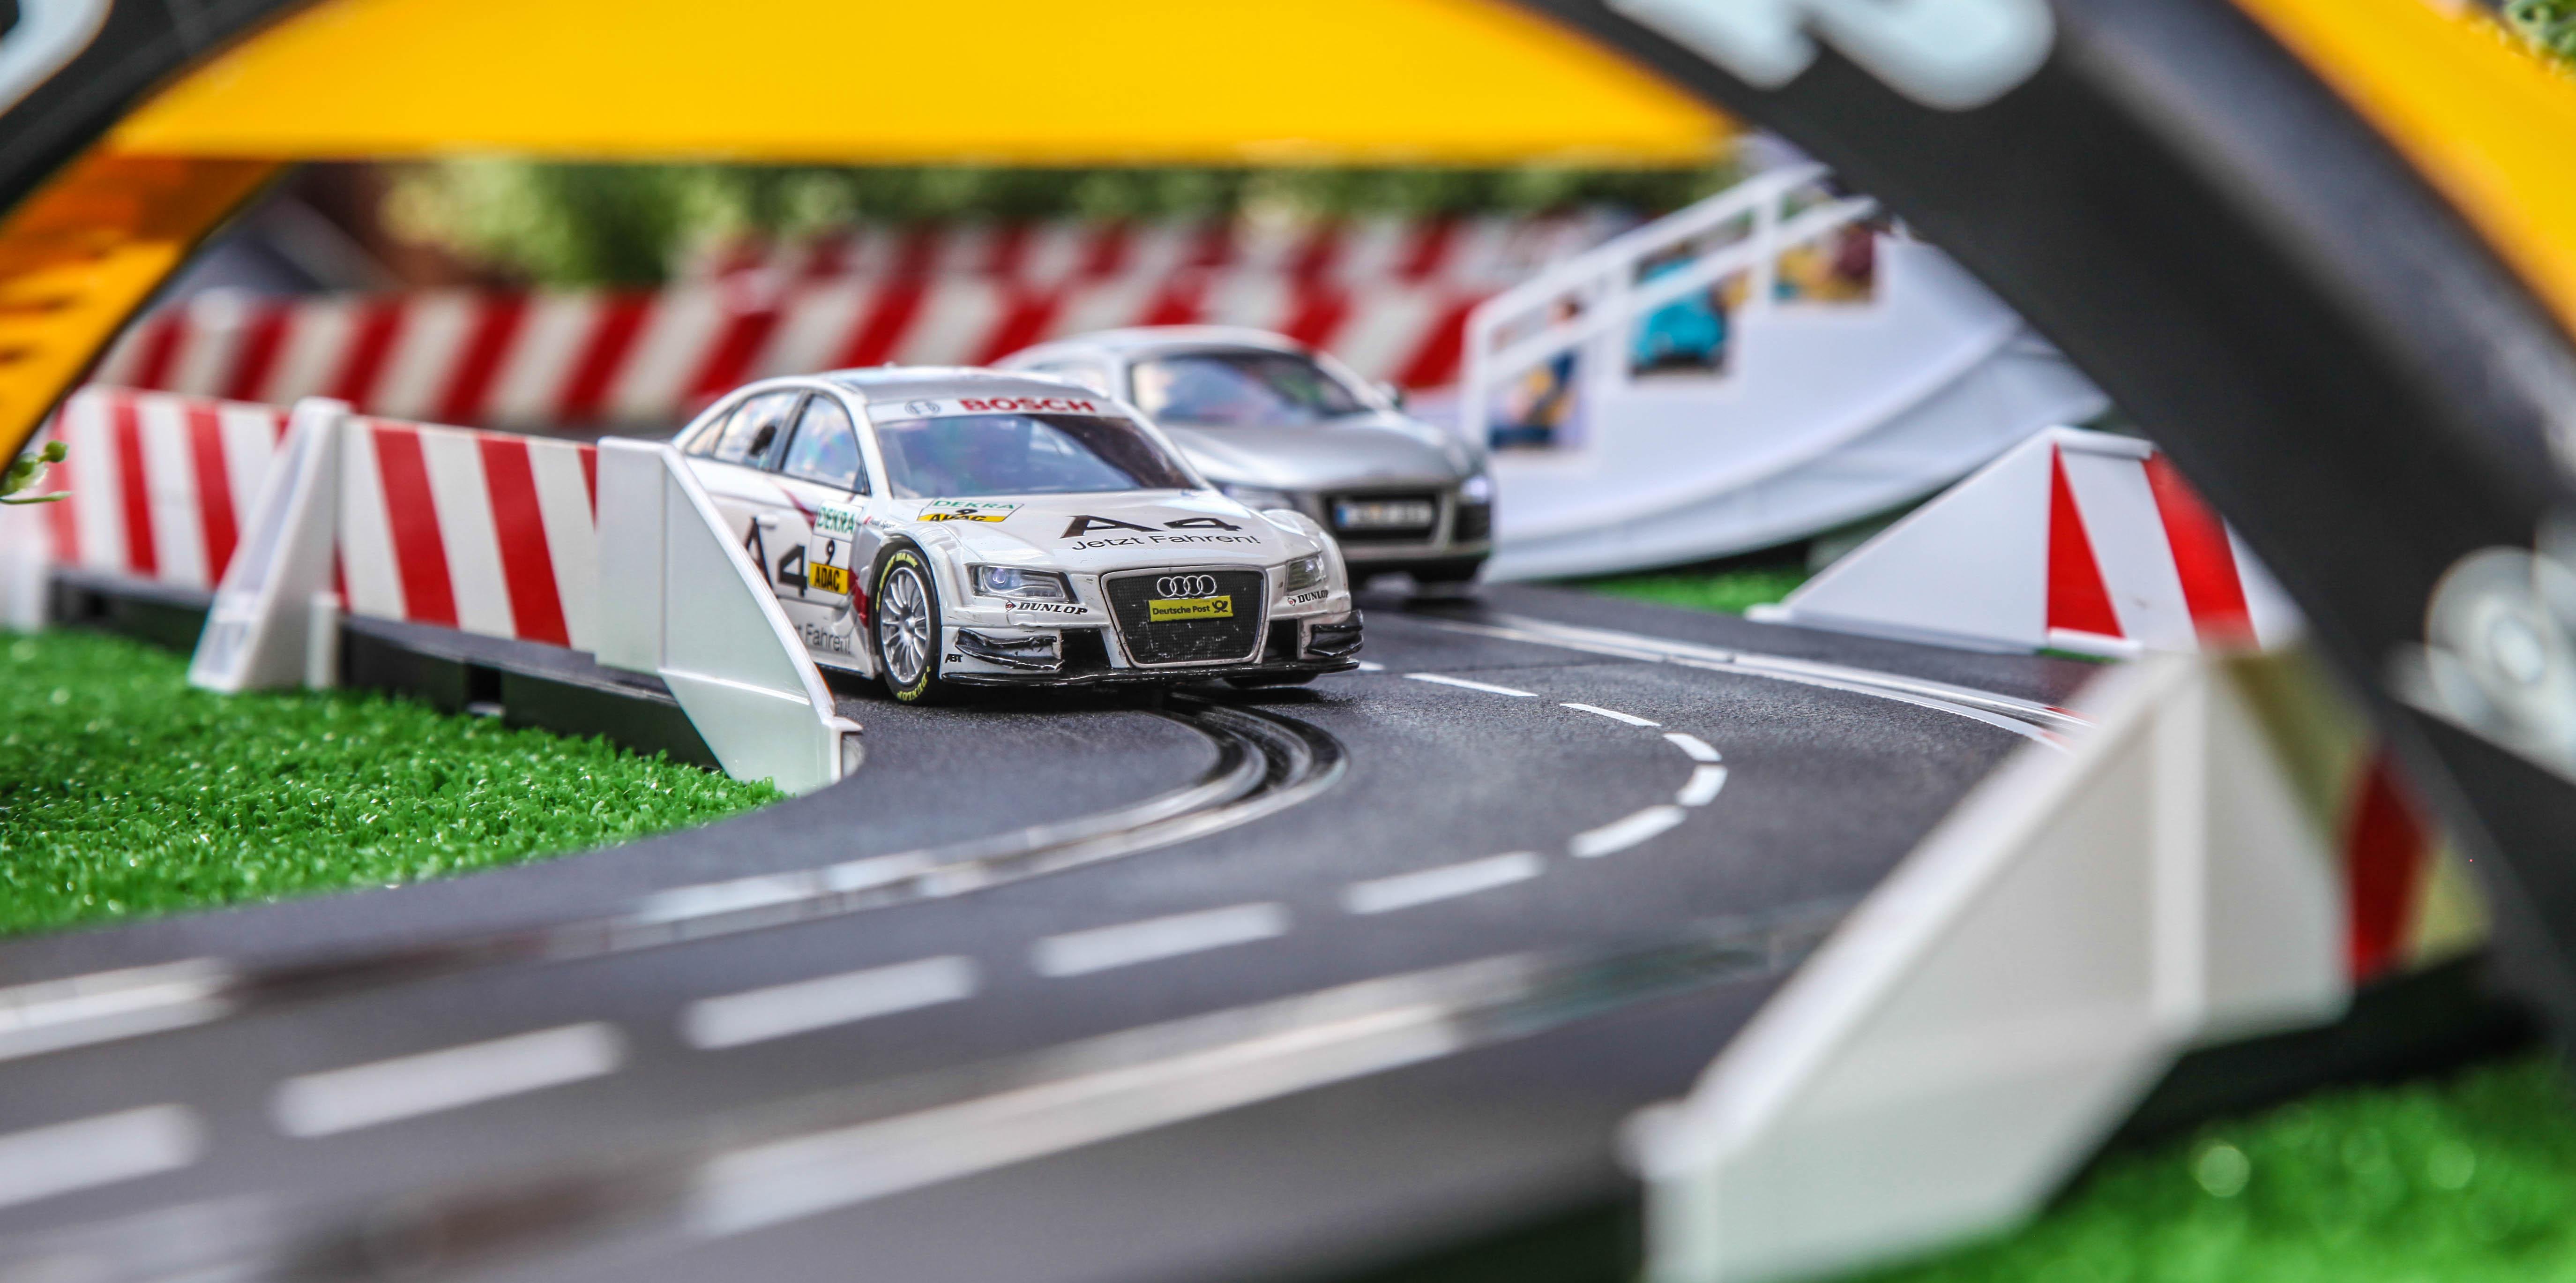 Мультфильм про машины гонки, детские игрушки машинки